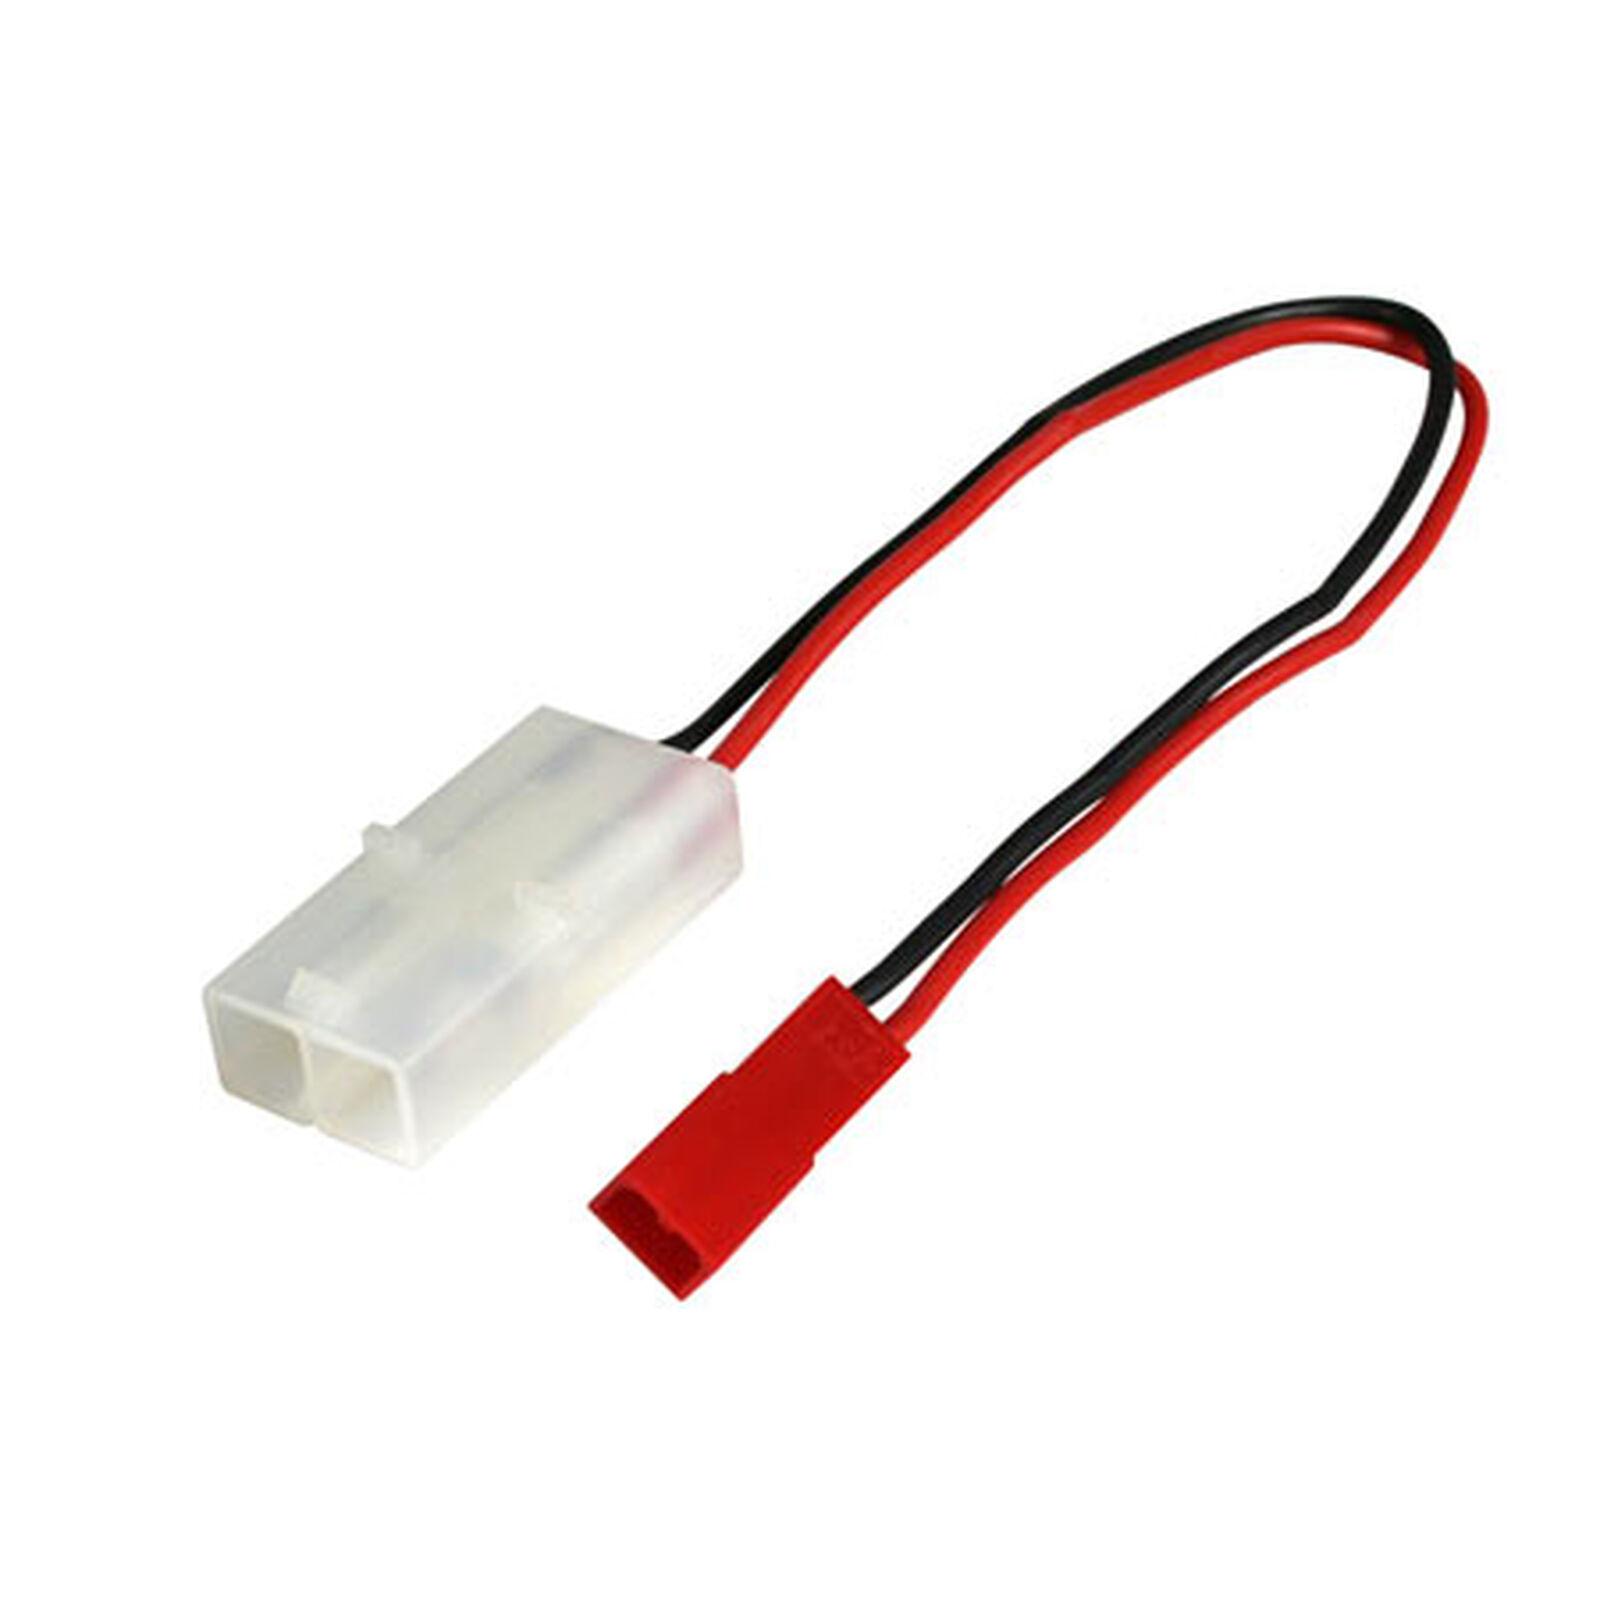 Converter Plug: JST / Tamiya